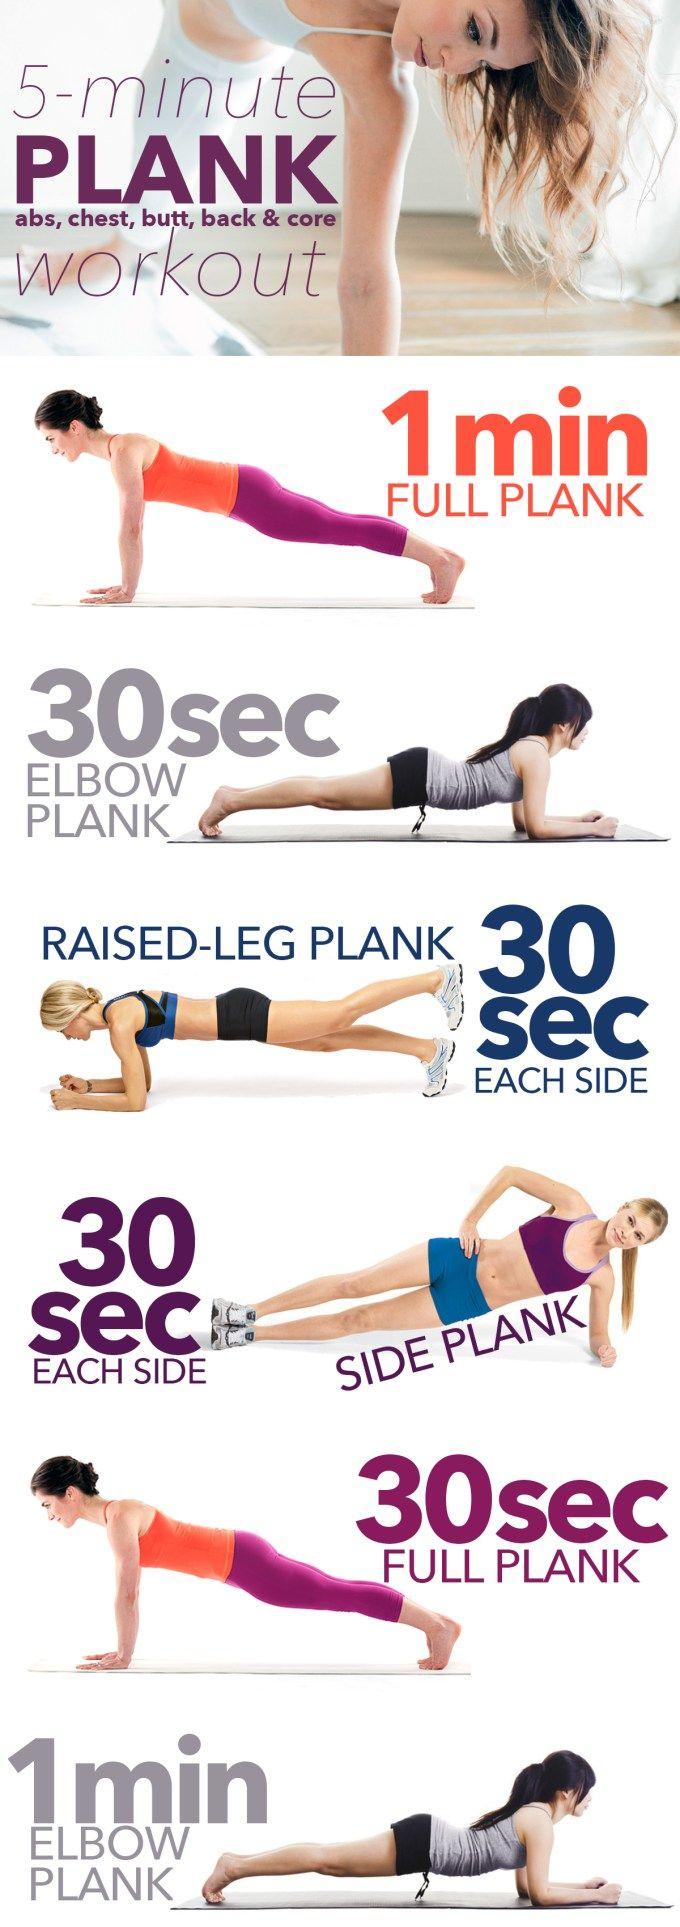 5-Минутна Планк Тренировка инфографика